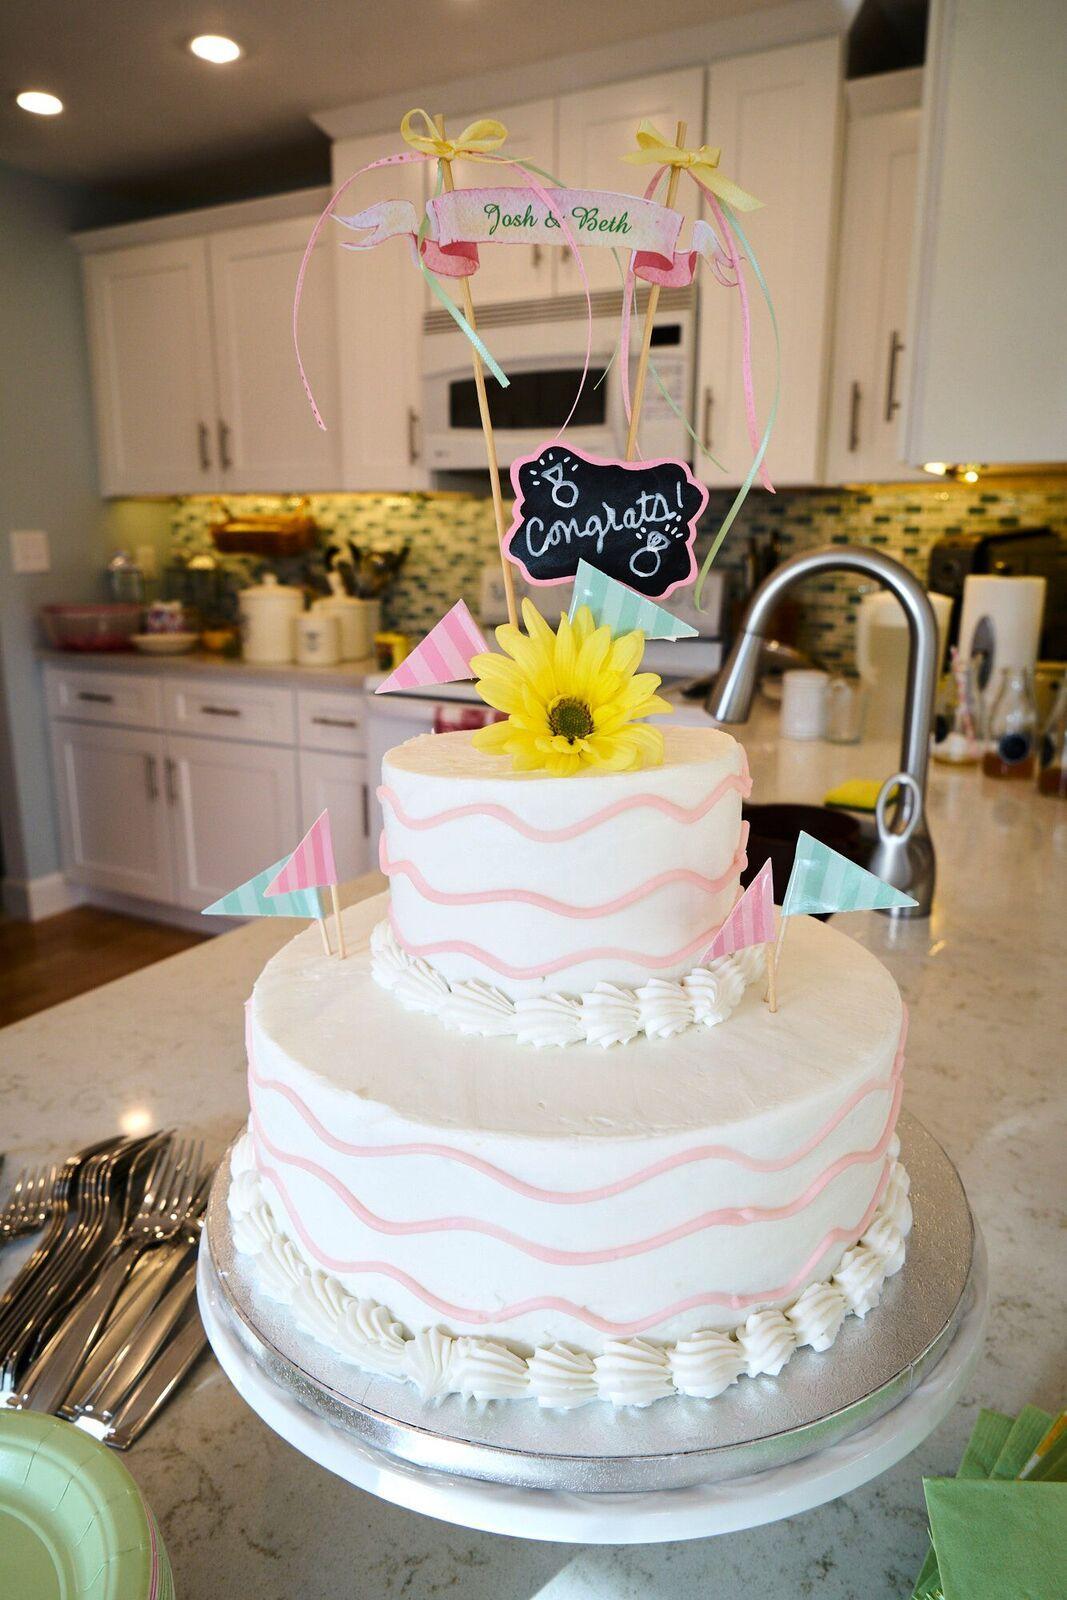 Cake Is From Sam S Club Chocolate Top Tier Vanilla Bottom Tier Sams Club Wedding Cake Sams Club Cake Wedding Cake Prices